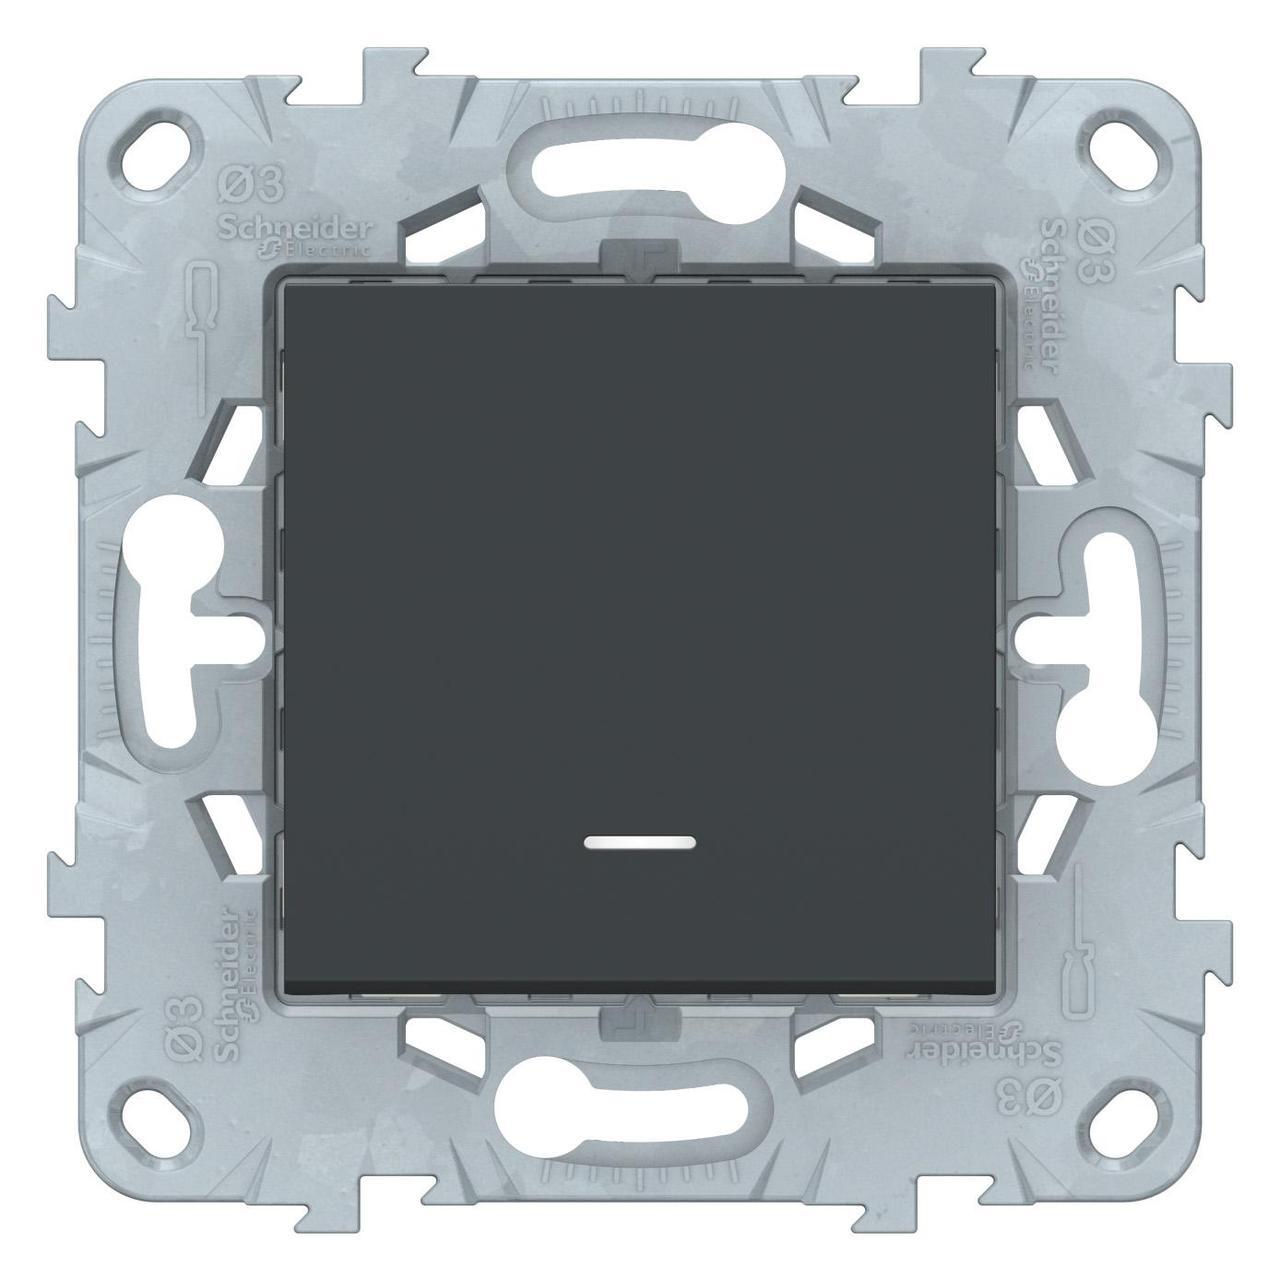 Выключатель 1-клавишный, перекрестный с подсветкой (с трех мест) , Антрацит, серия Unica New, Schneider Electric